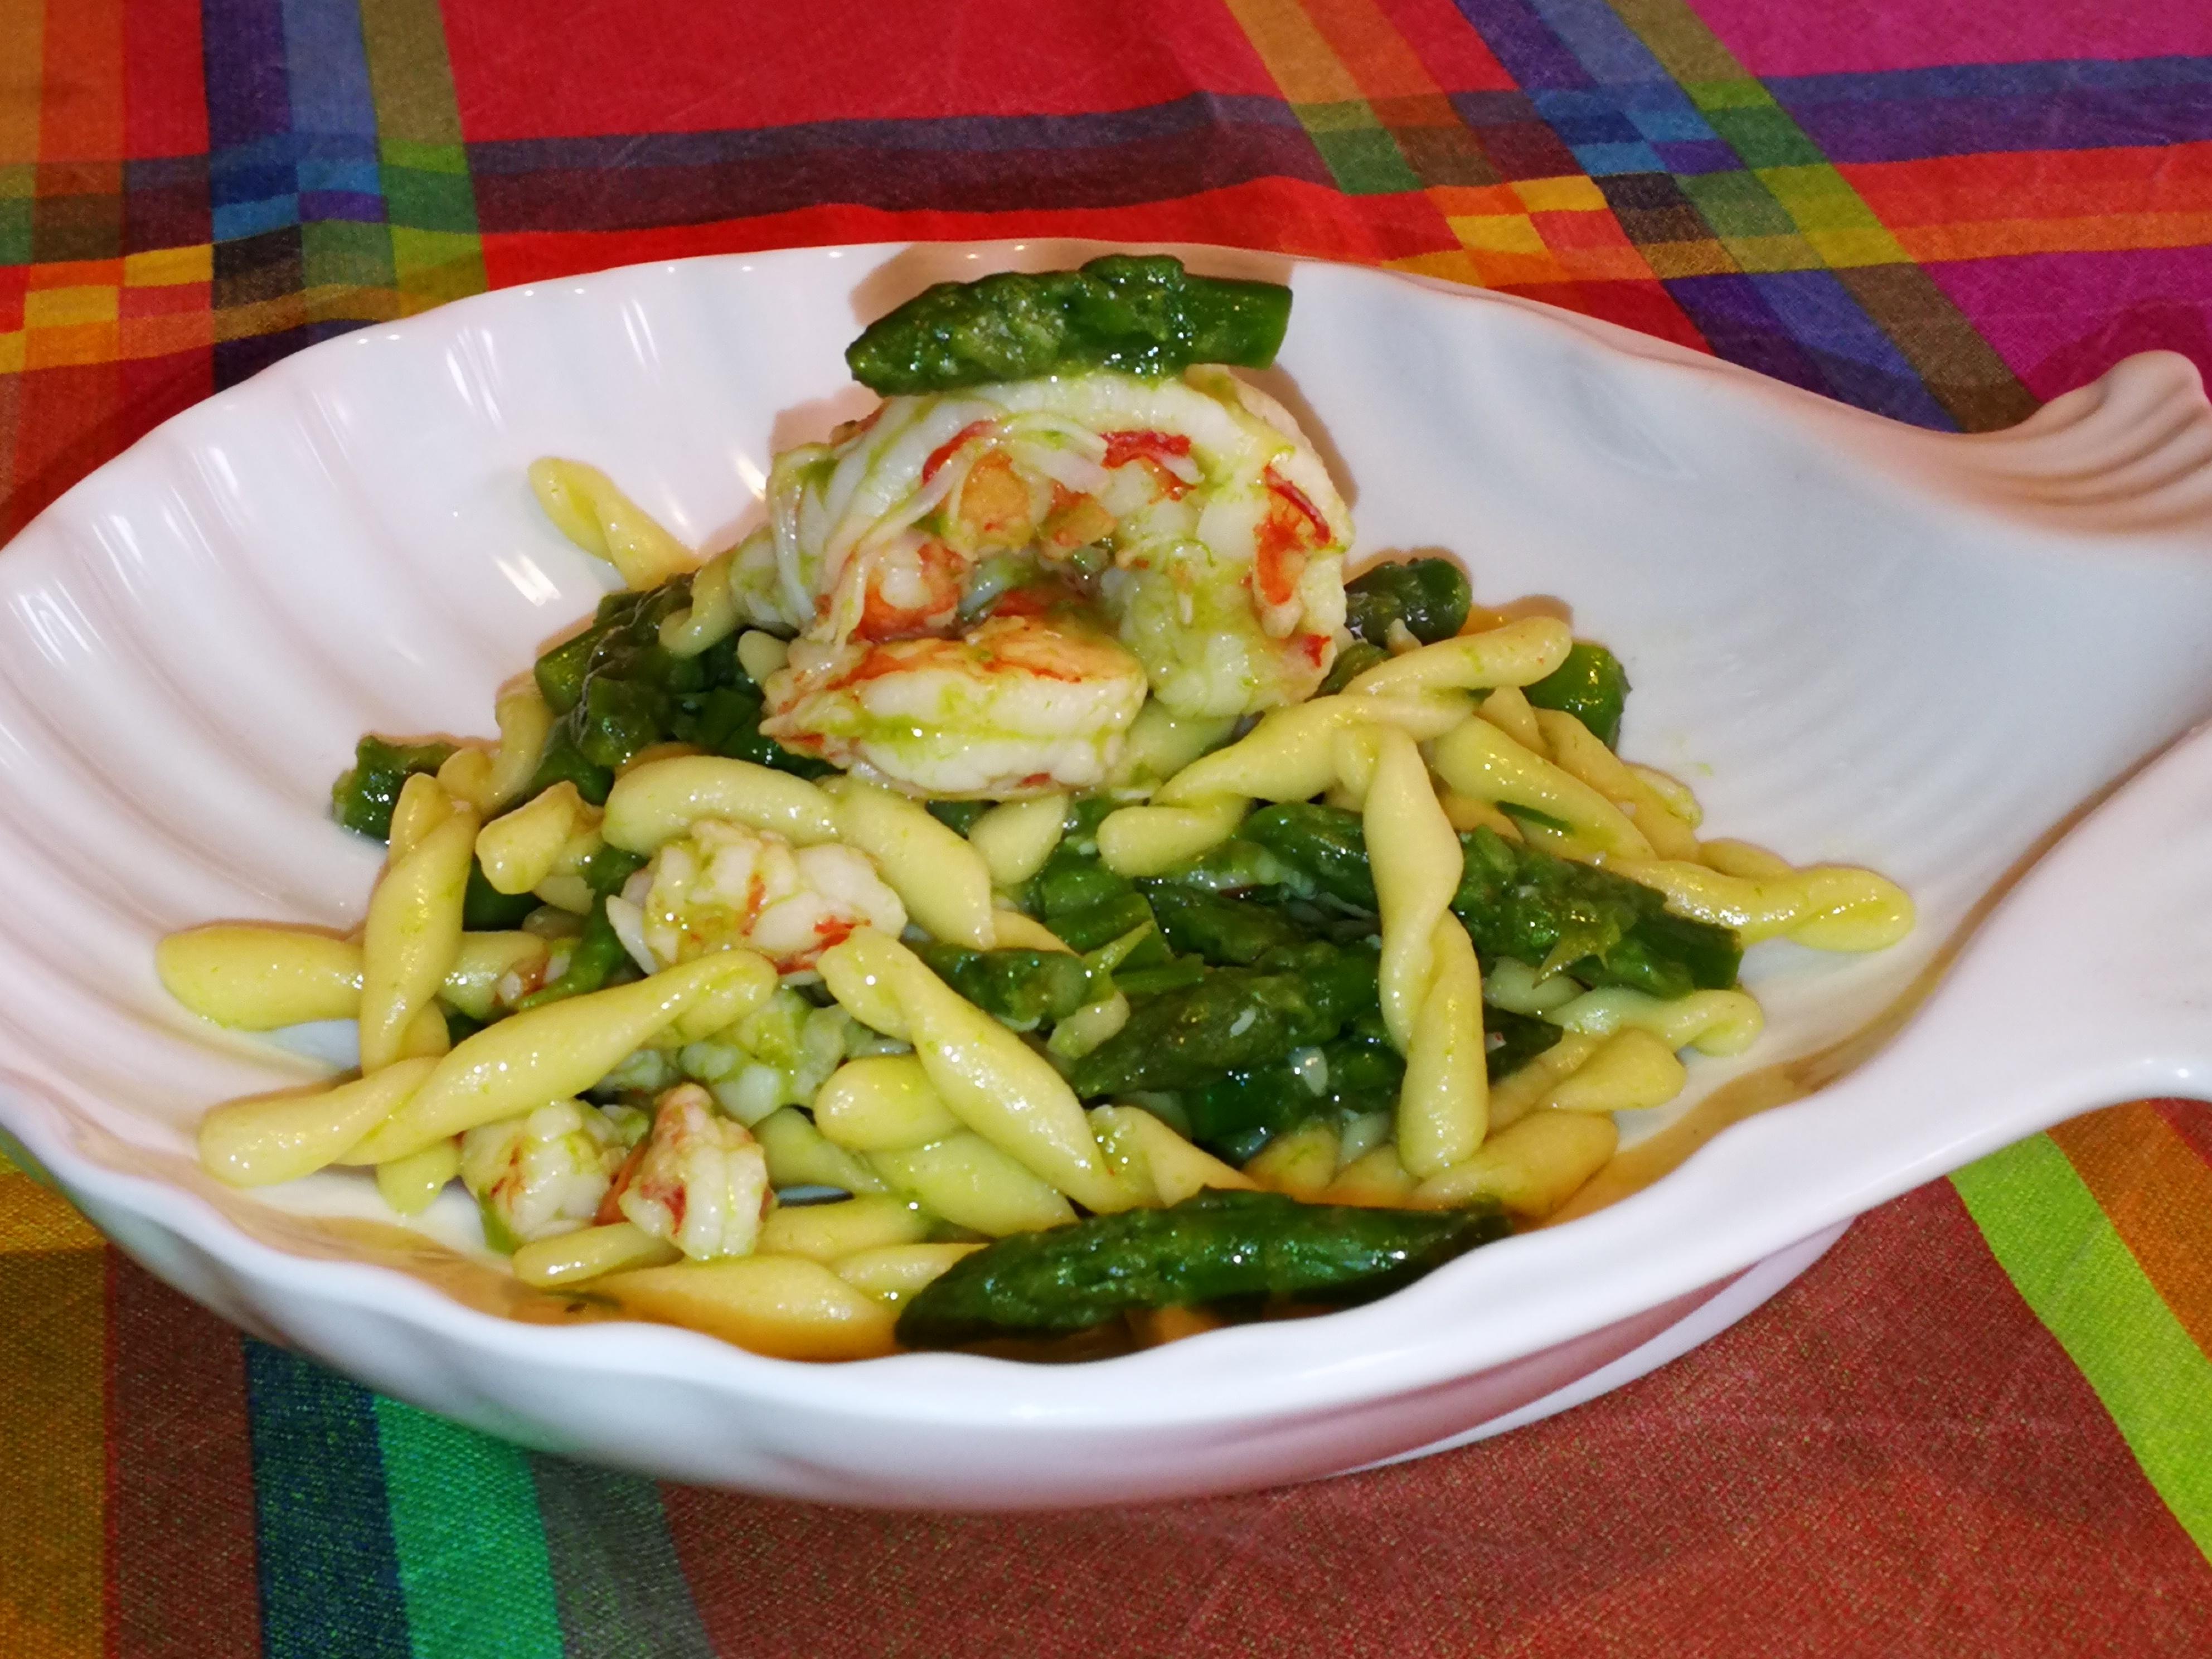 WorldPastaDay - Strozzapreti con gamberi e asparagi